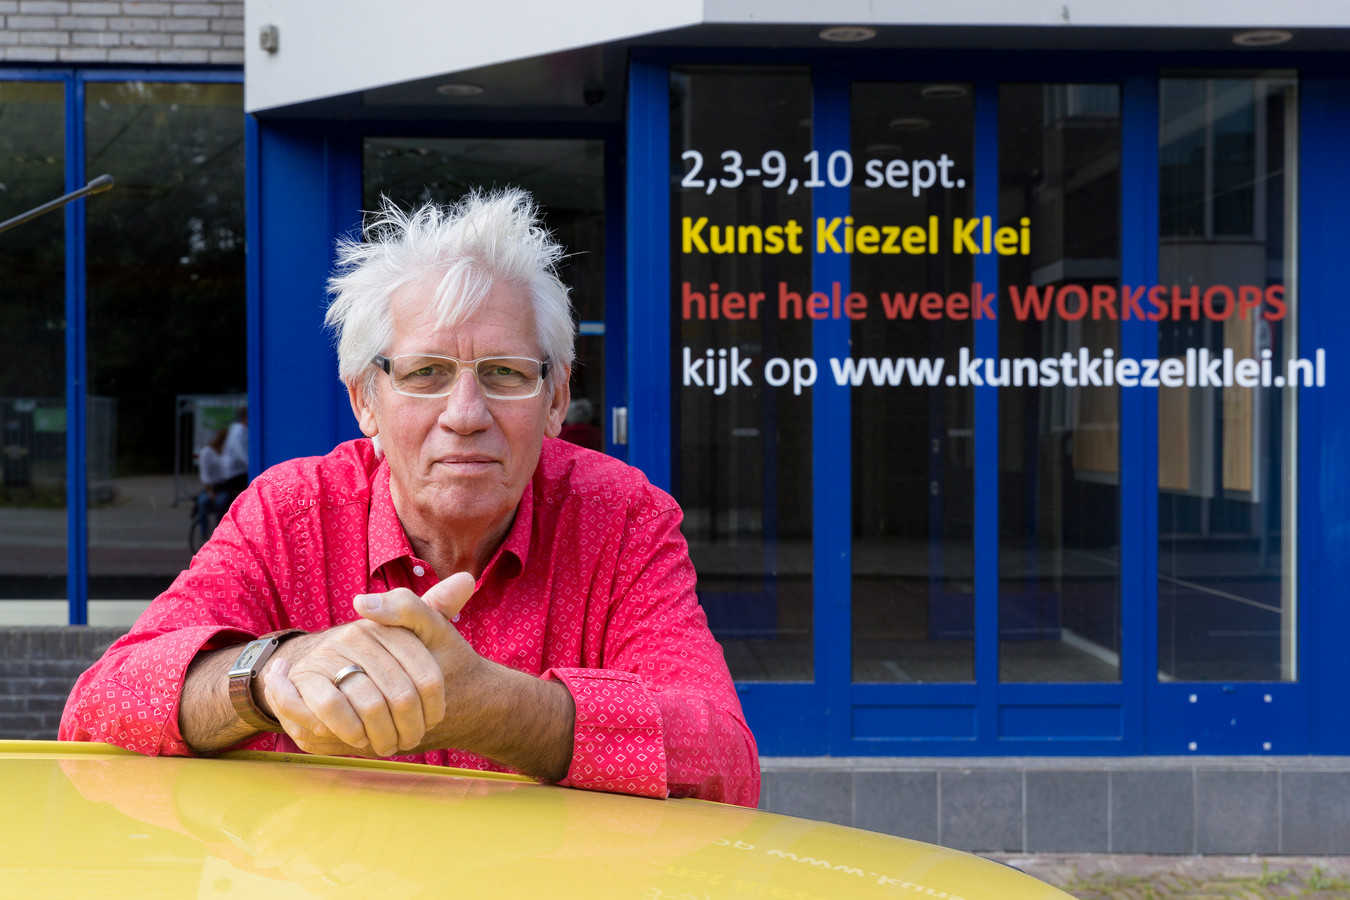 De voorzitter van de stichting achter Kunst Kiezel en Klei, Hans de Wit, tijdens de editie van 2017.